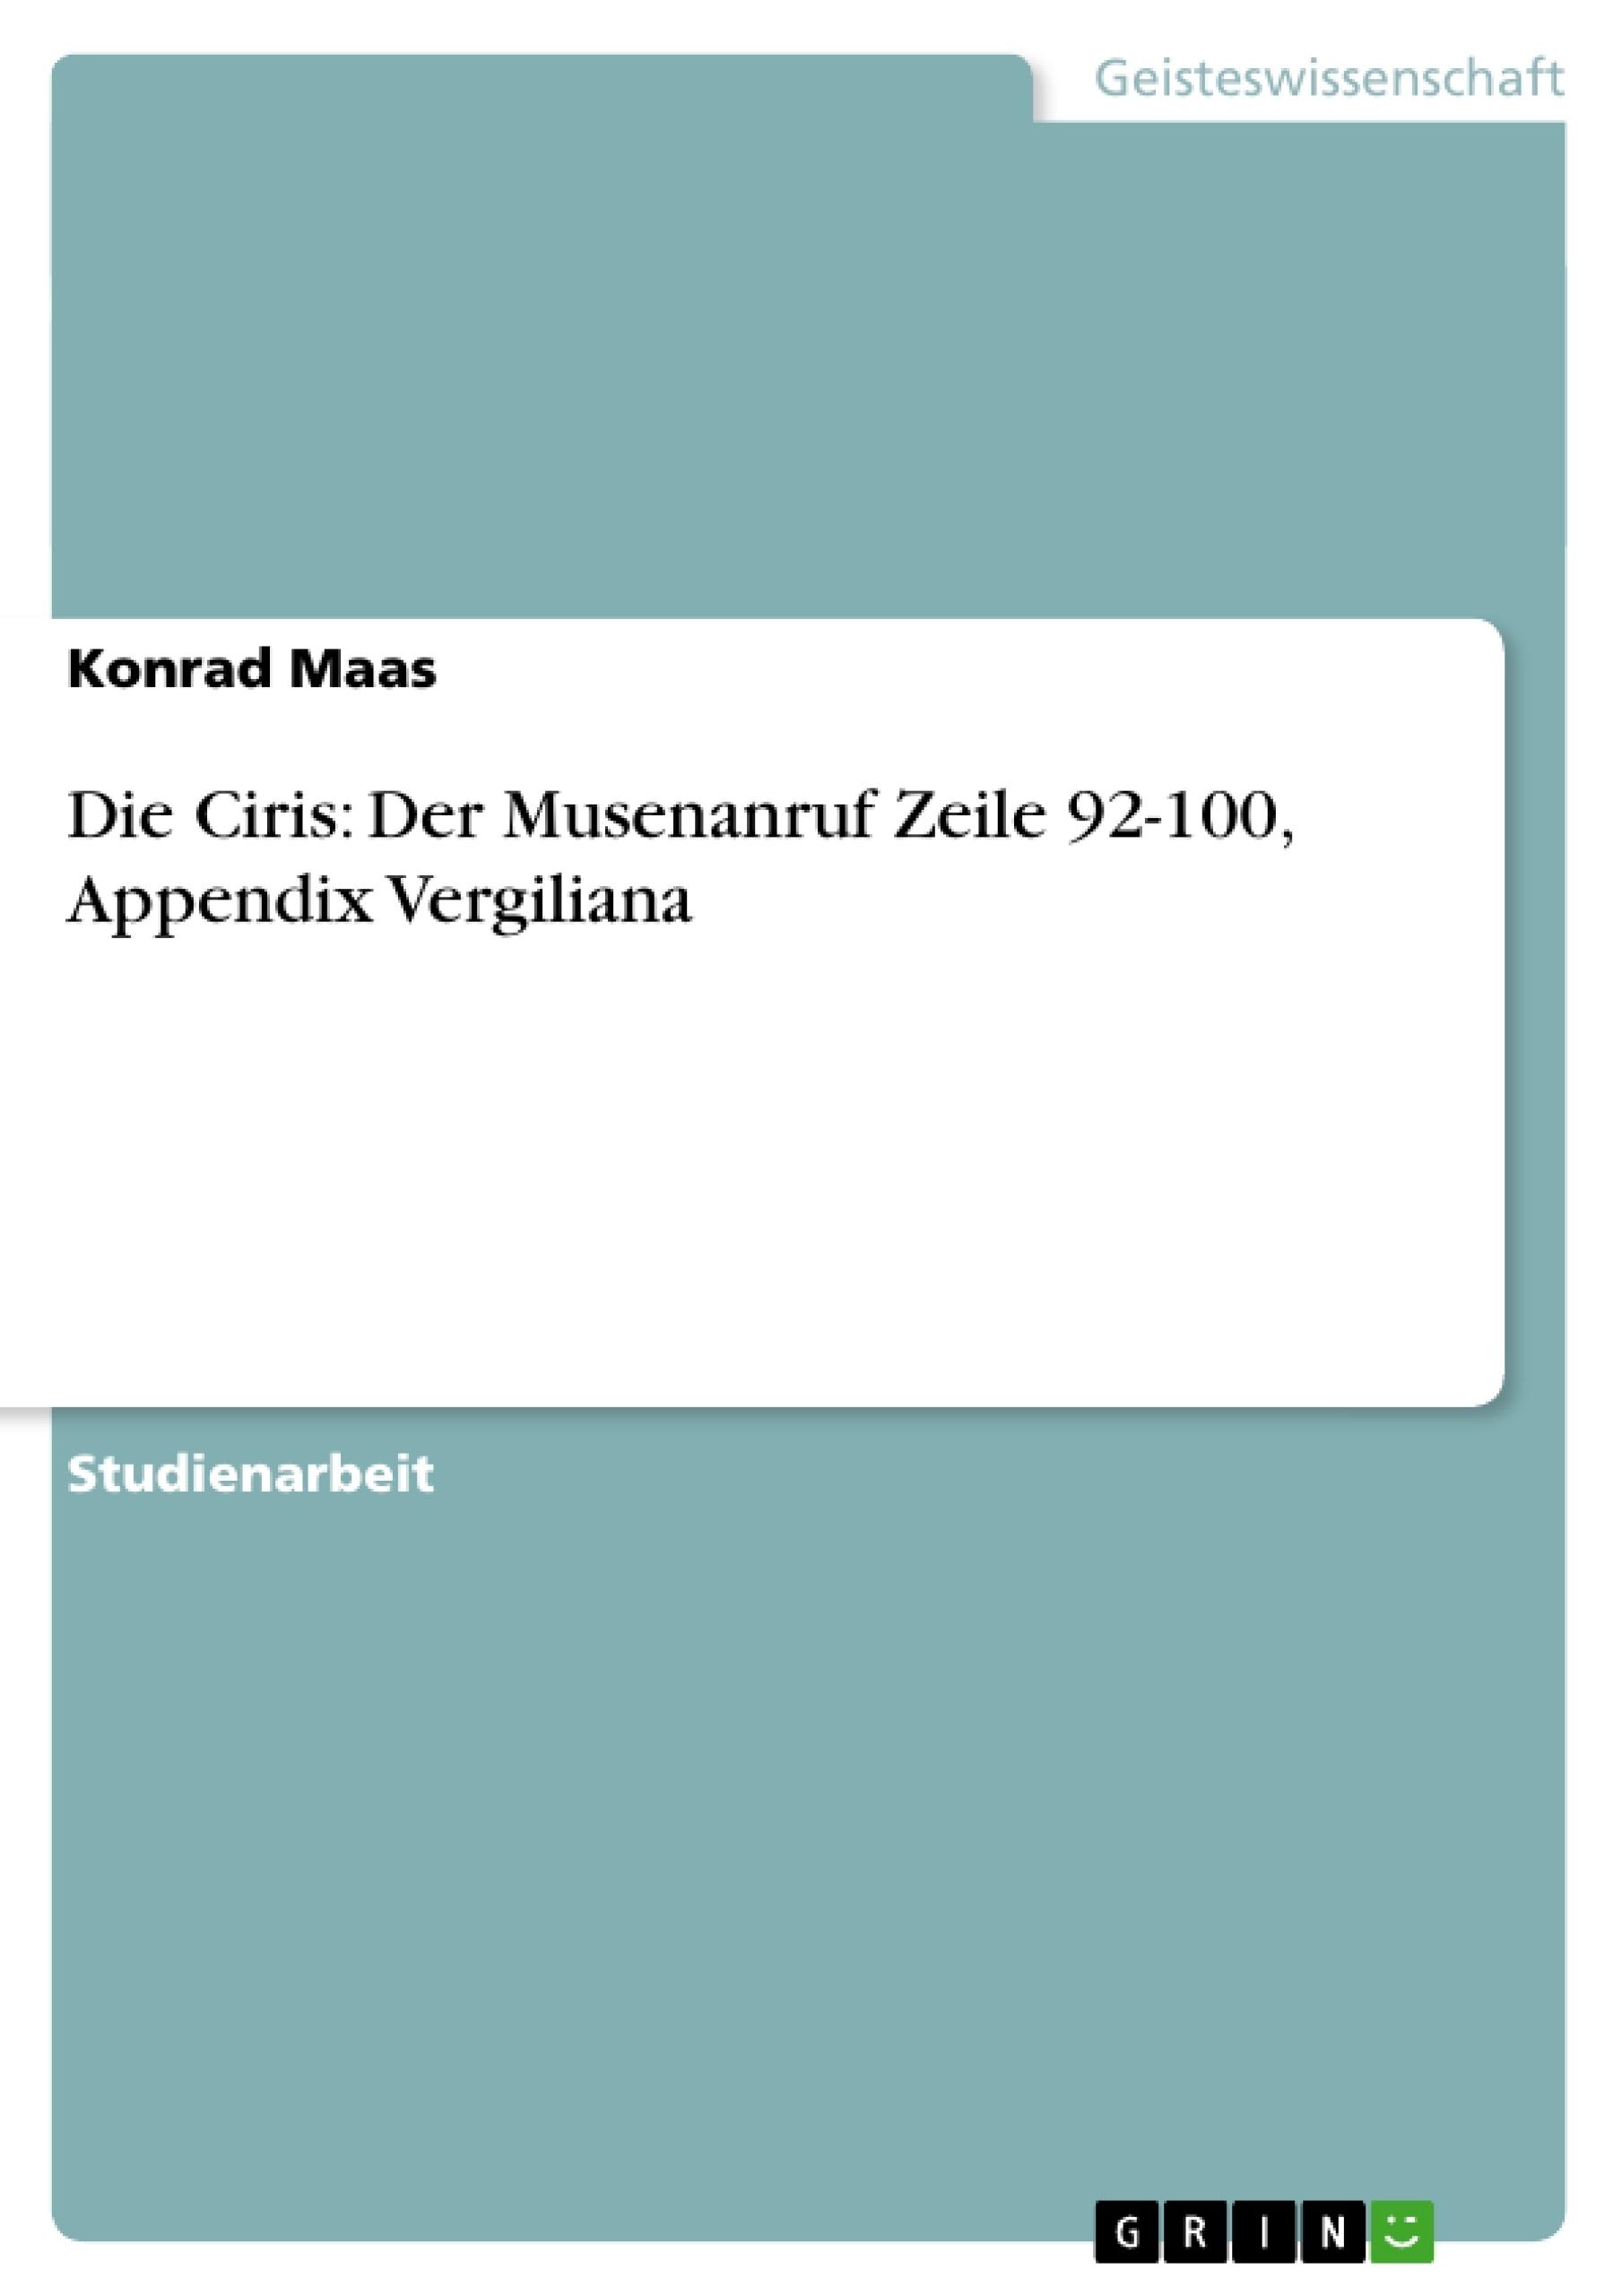 Titel: Die Ciris: Der Musenanruf Zeile 92-100, Appendix Vergiliana